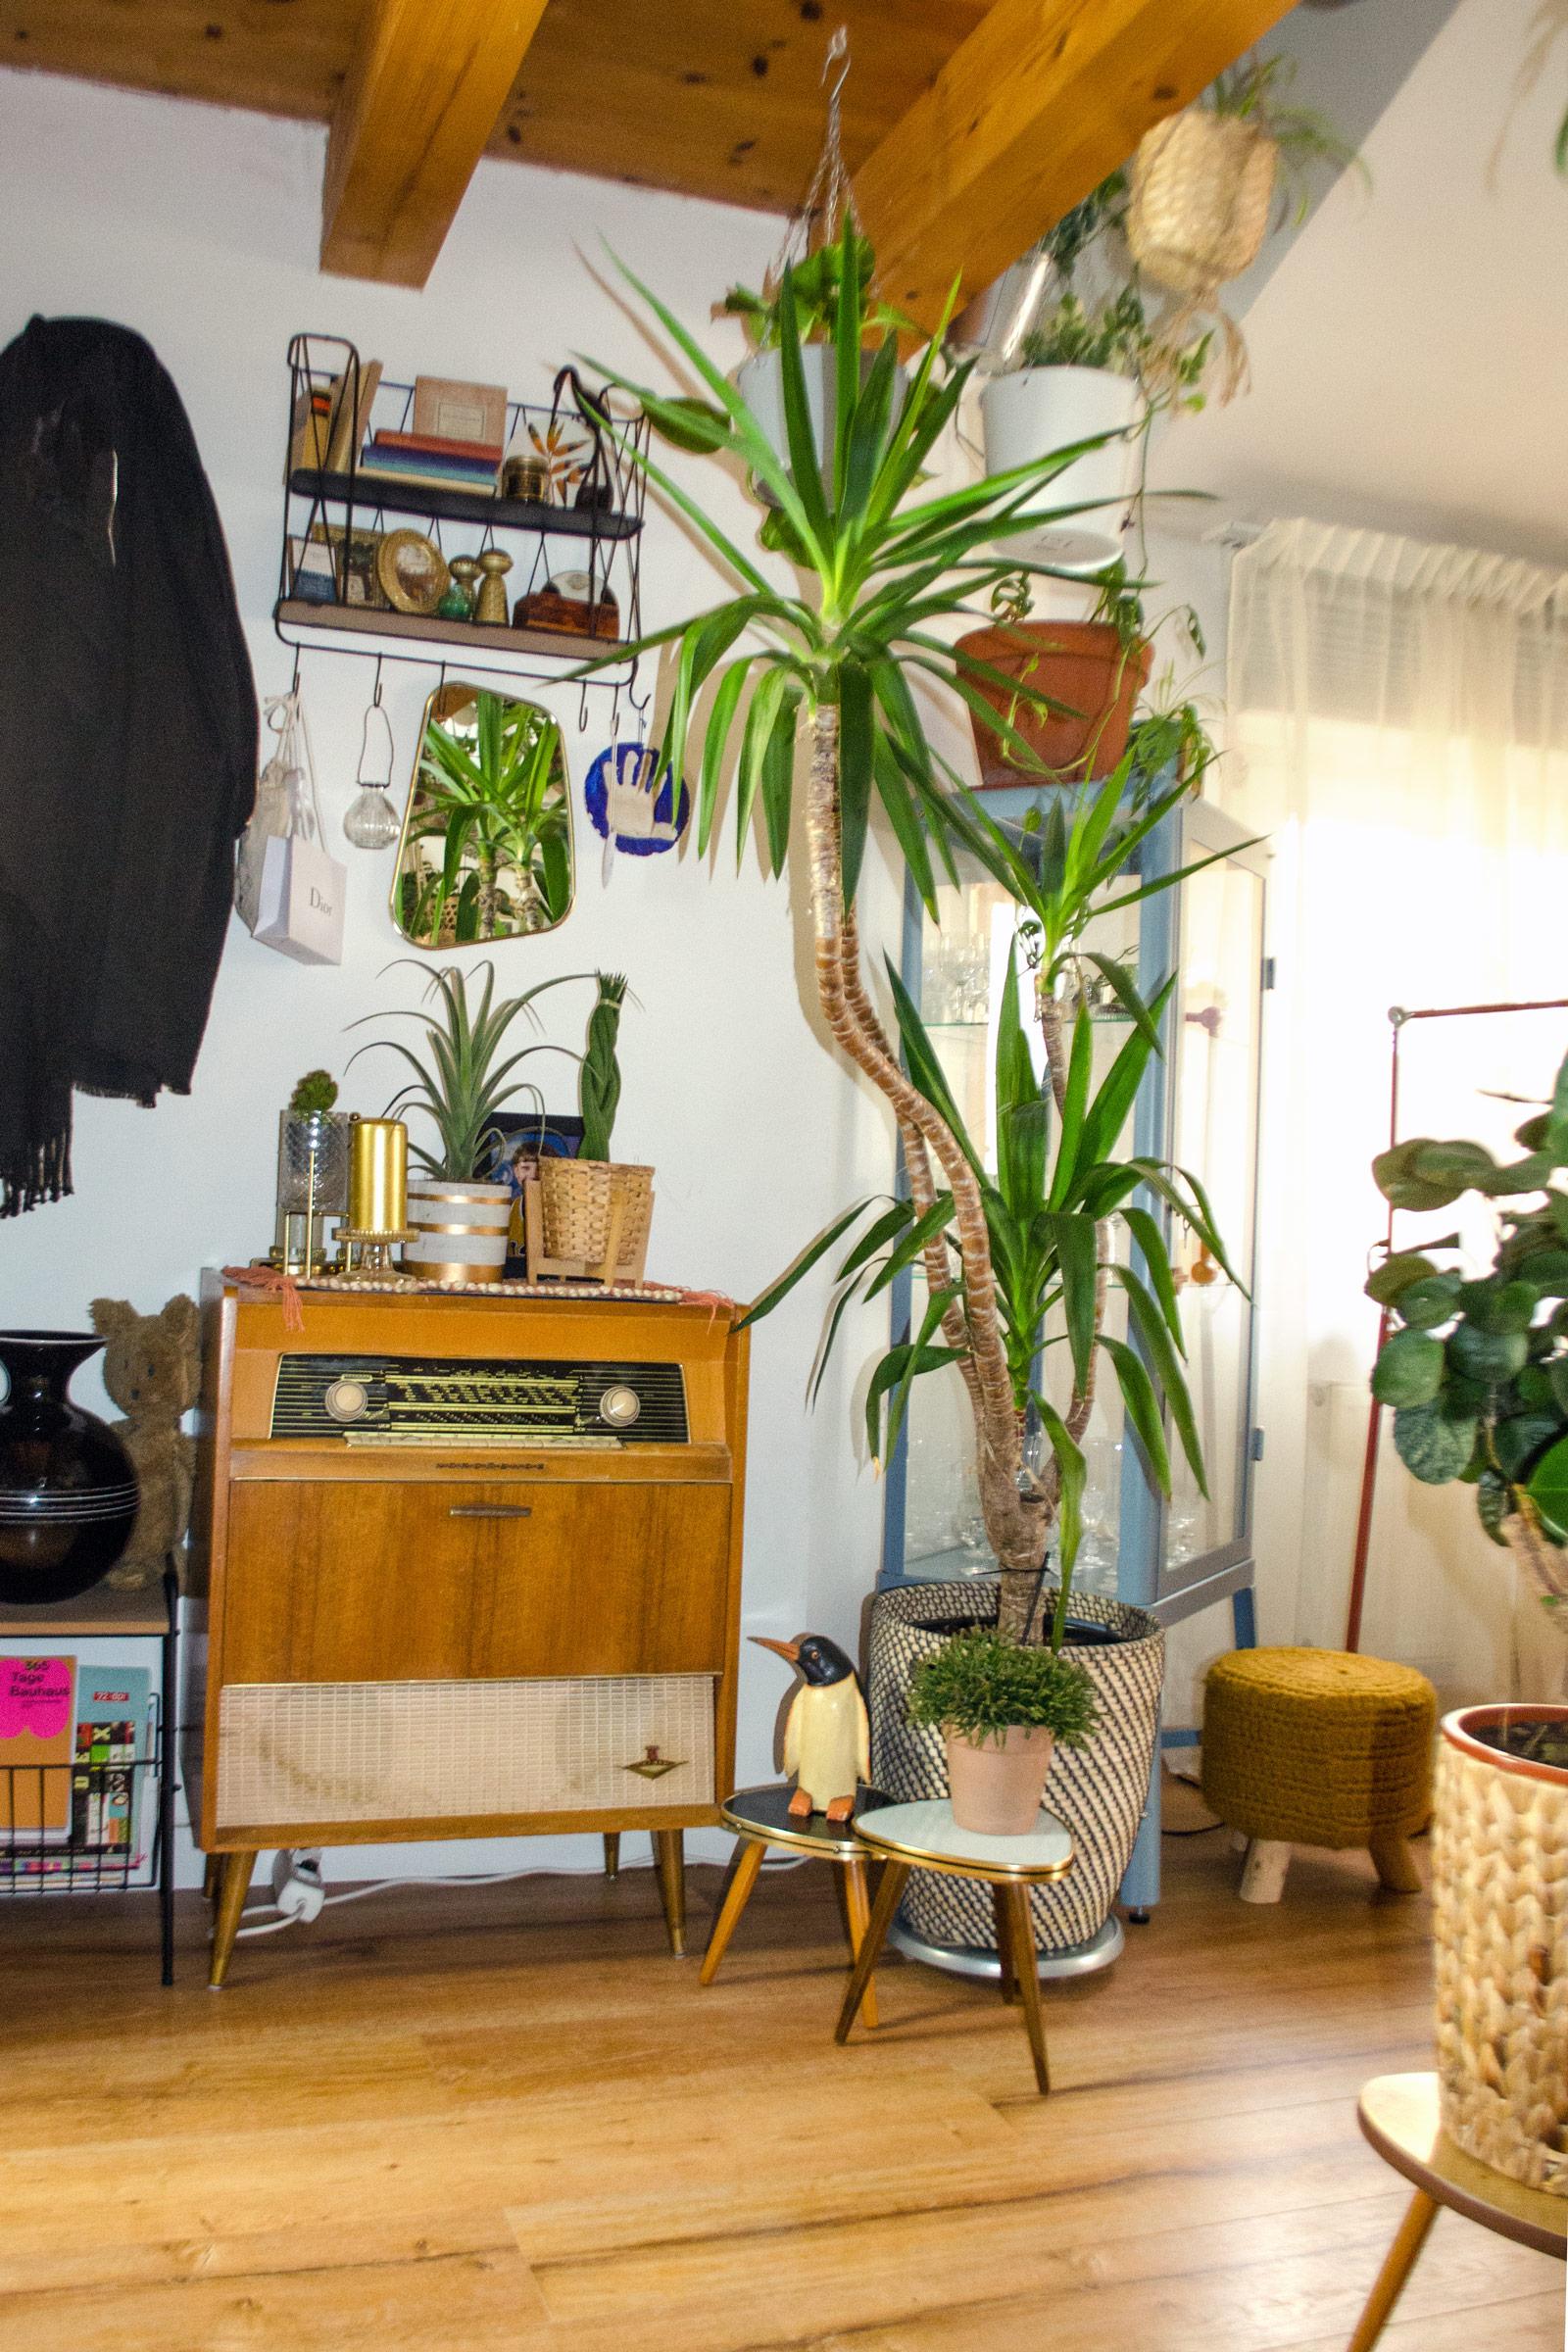 Alte Vintage Möbel statt neuer Einrichtung: Mein altes Radiogram